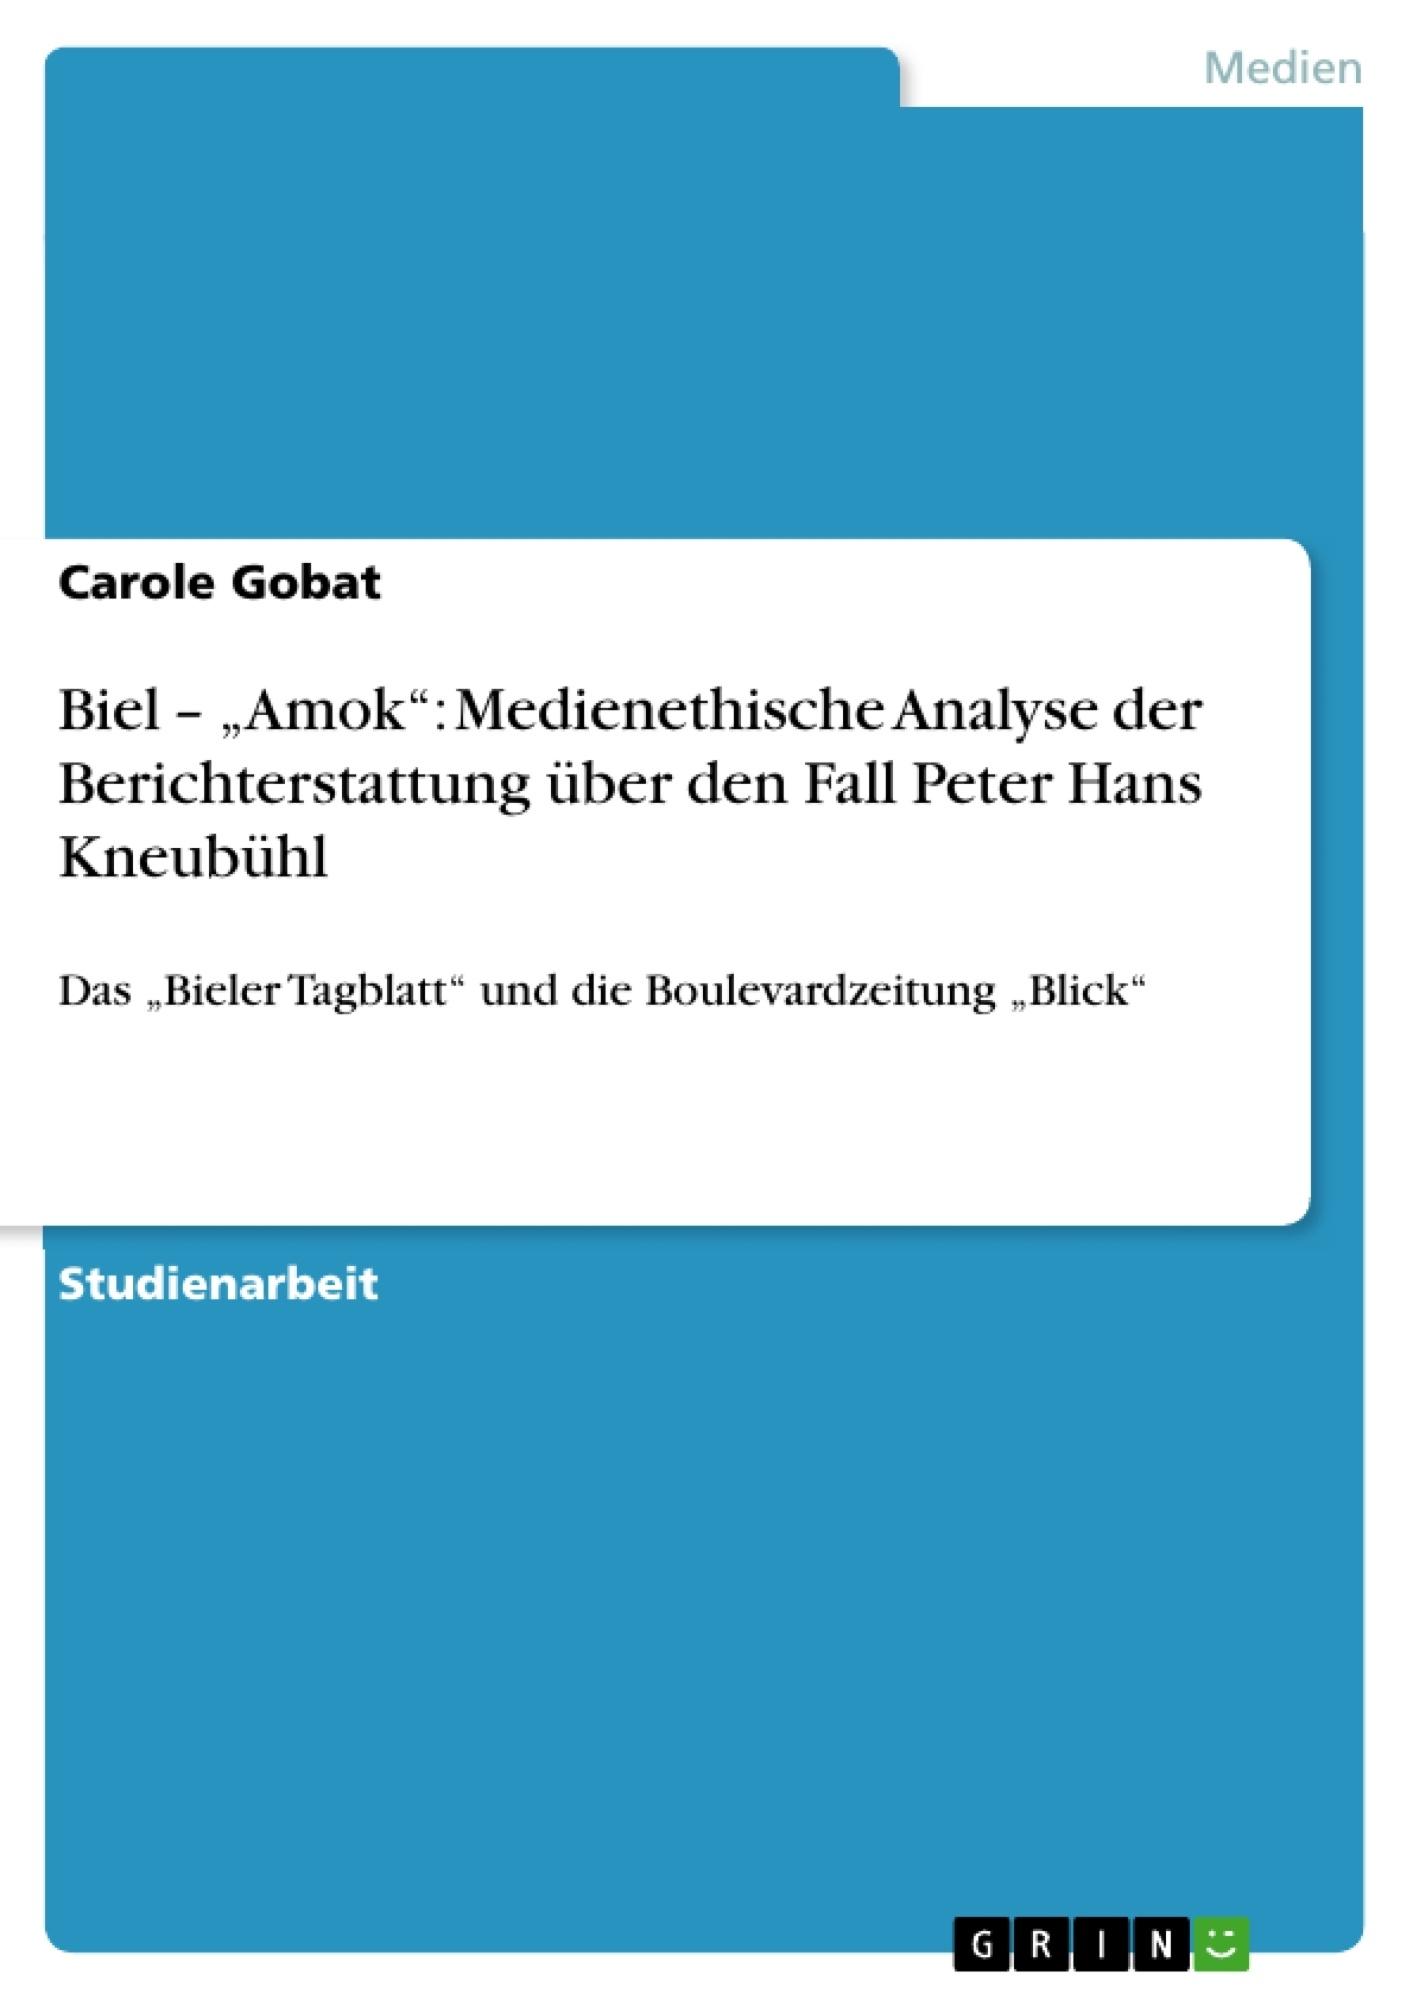 """Titel: Biel – """"Amok"""": Medienethische Analyse der Berichterstattung über den Fall Peter Hans Kneubühl"""